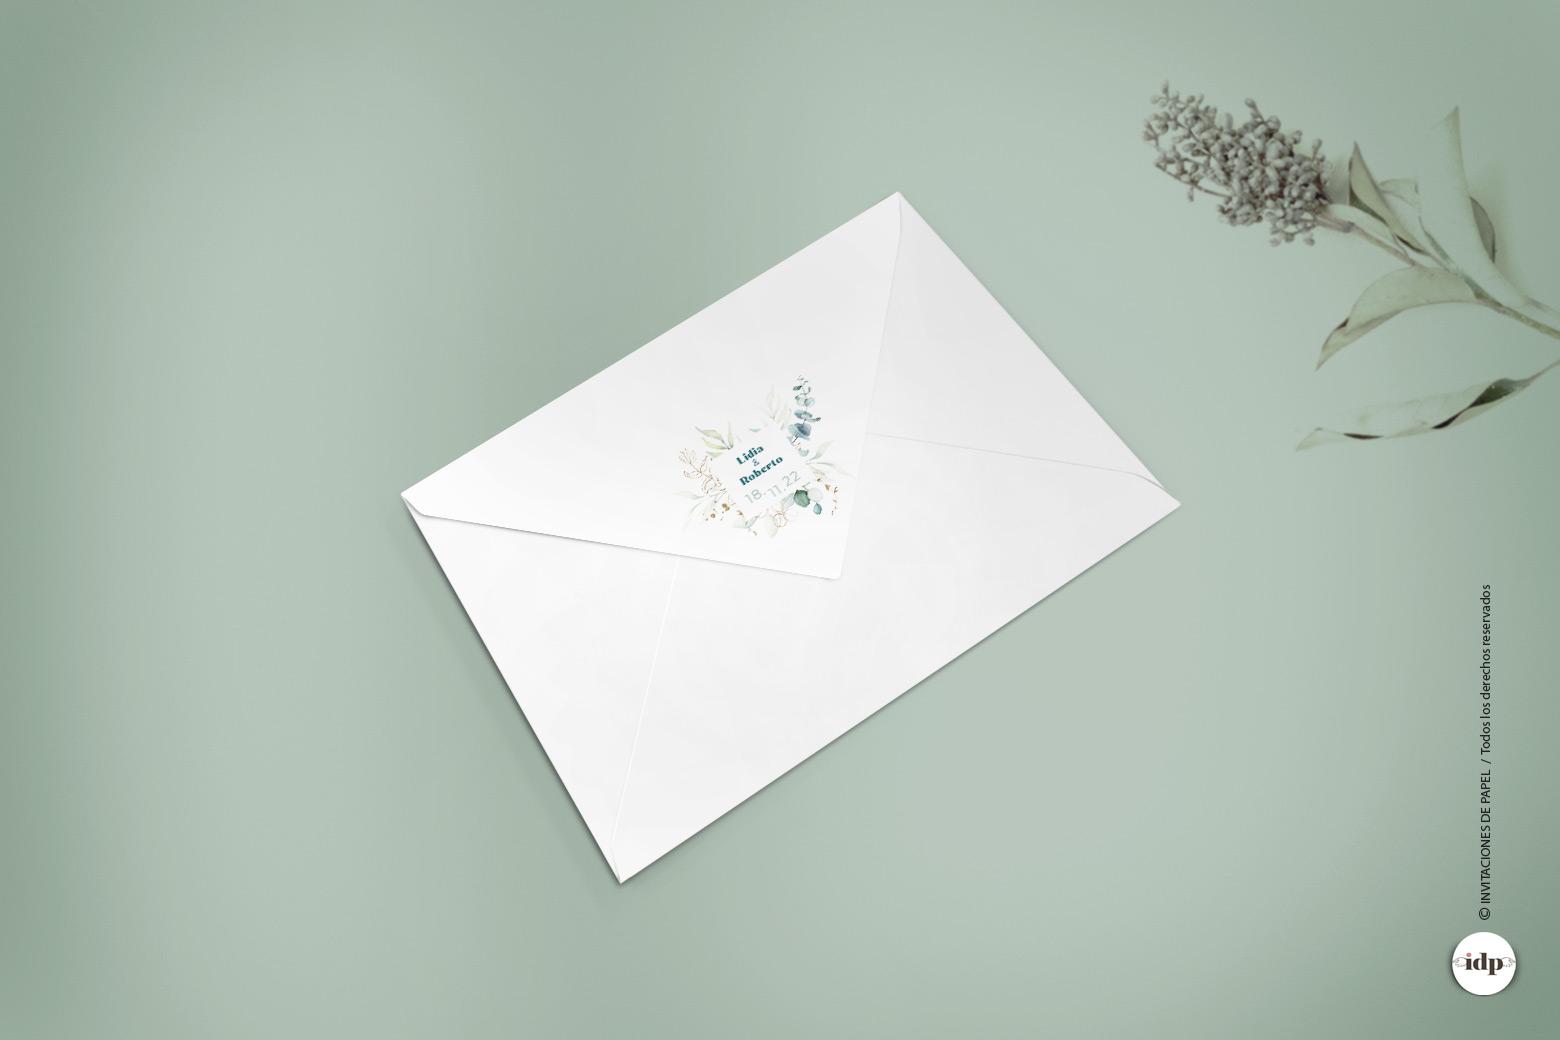 Imprimir Sello de Boda en el Sobre con hojas vergel